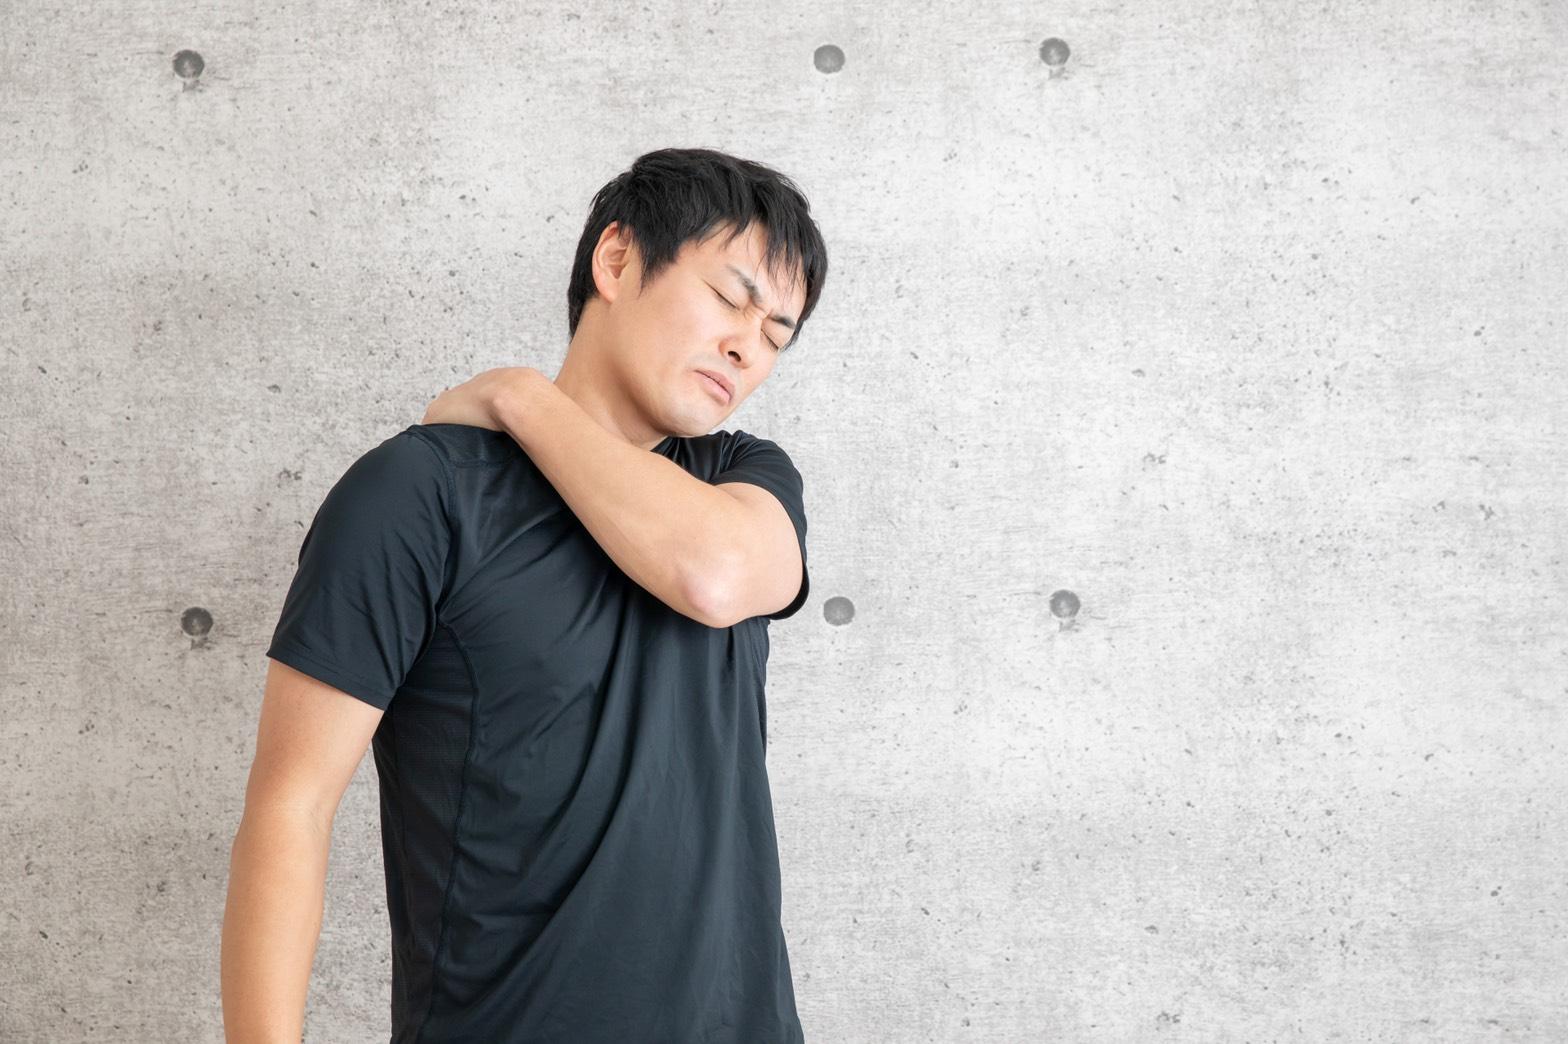 ウェルネス本町が施術する肩の痛み(五十肩、四十肩)の方への鍼灸治療の効果